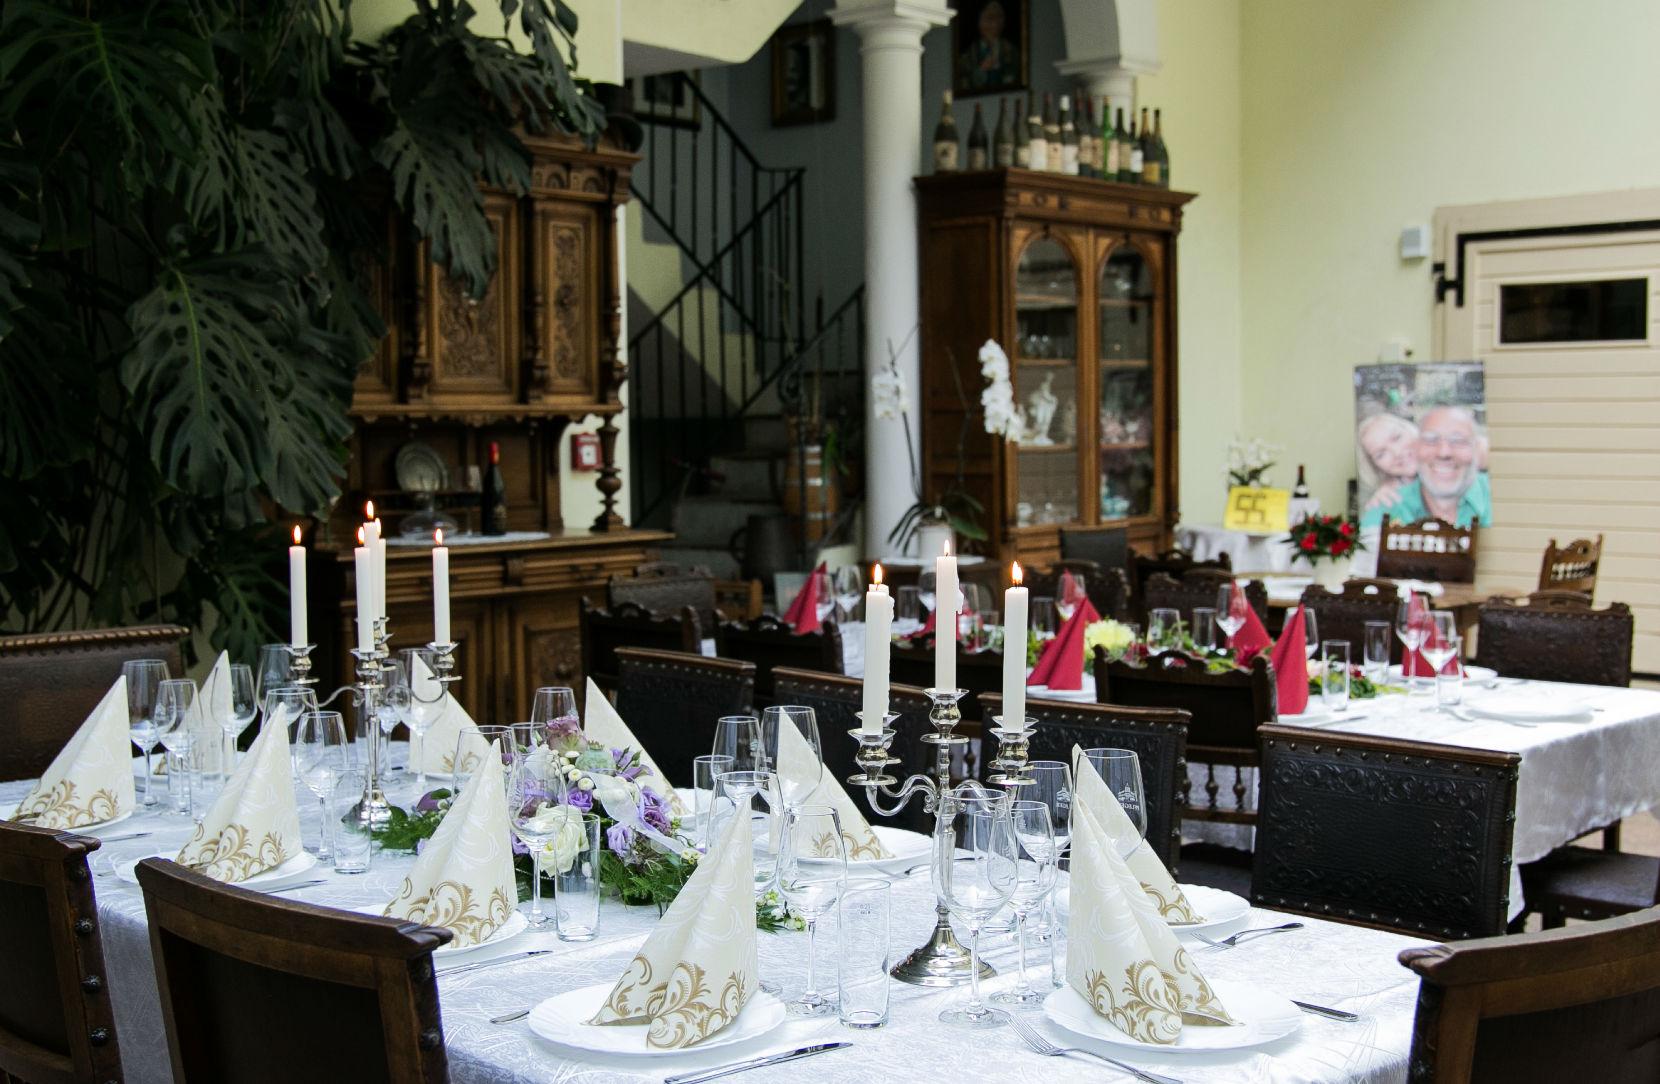 Hochzeitslocation Weingut Pfleger mit wunderschön dekorierten Hochzeitstischen